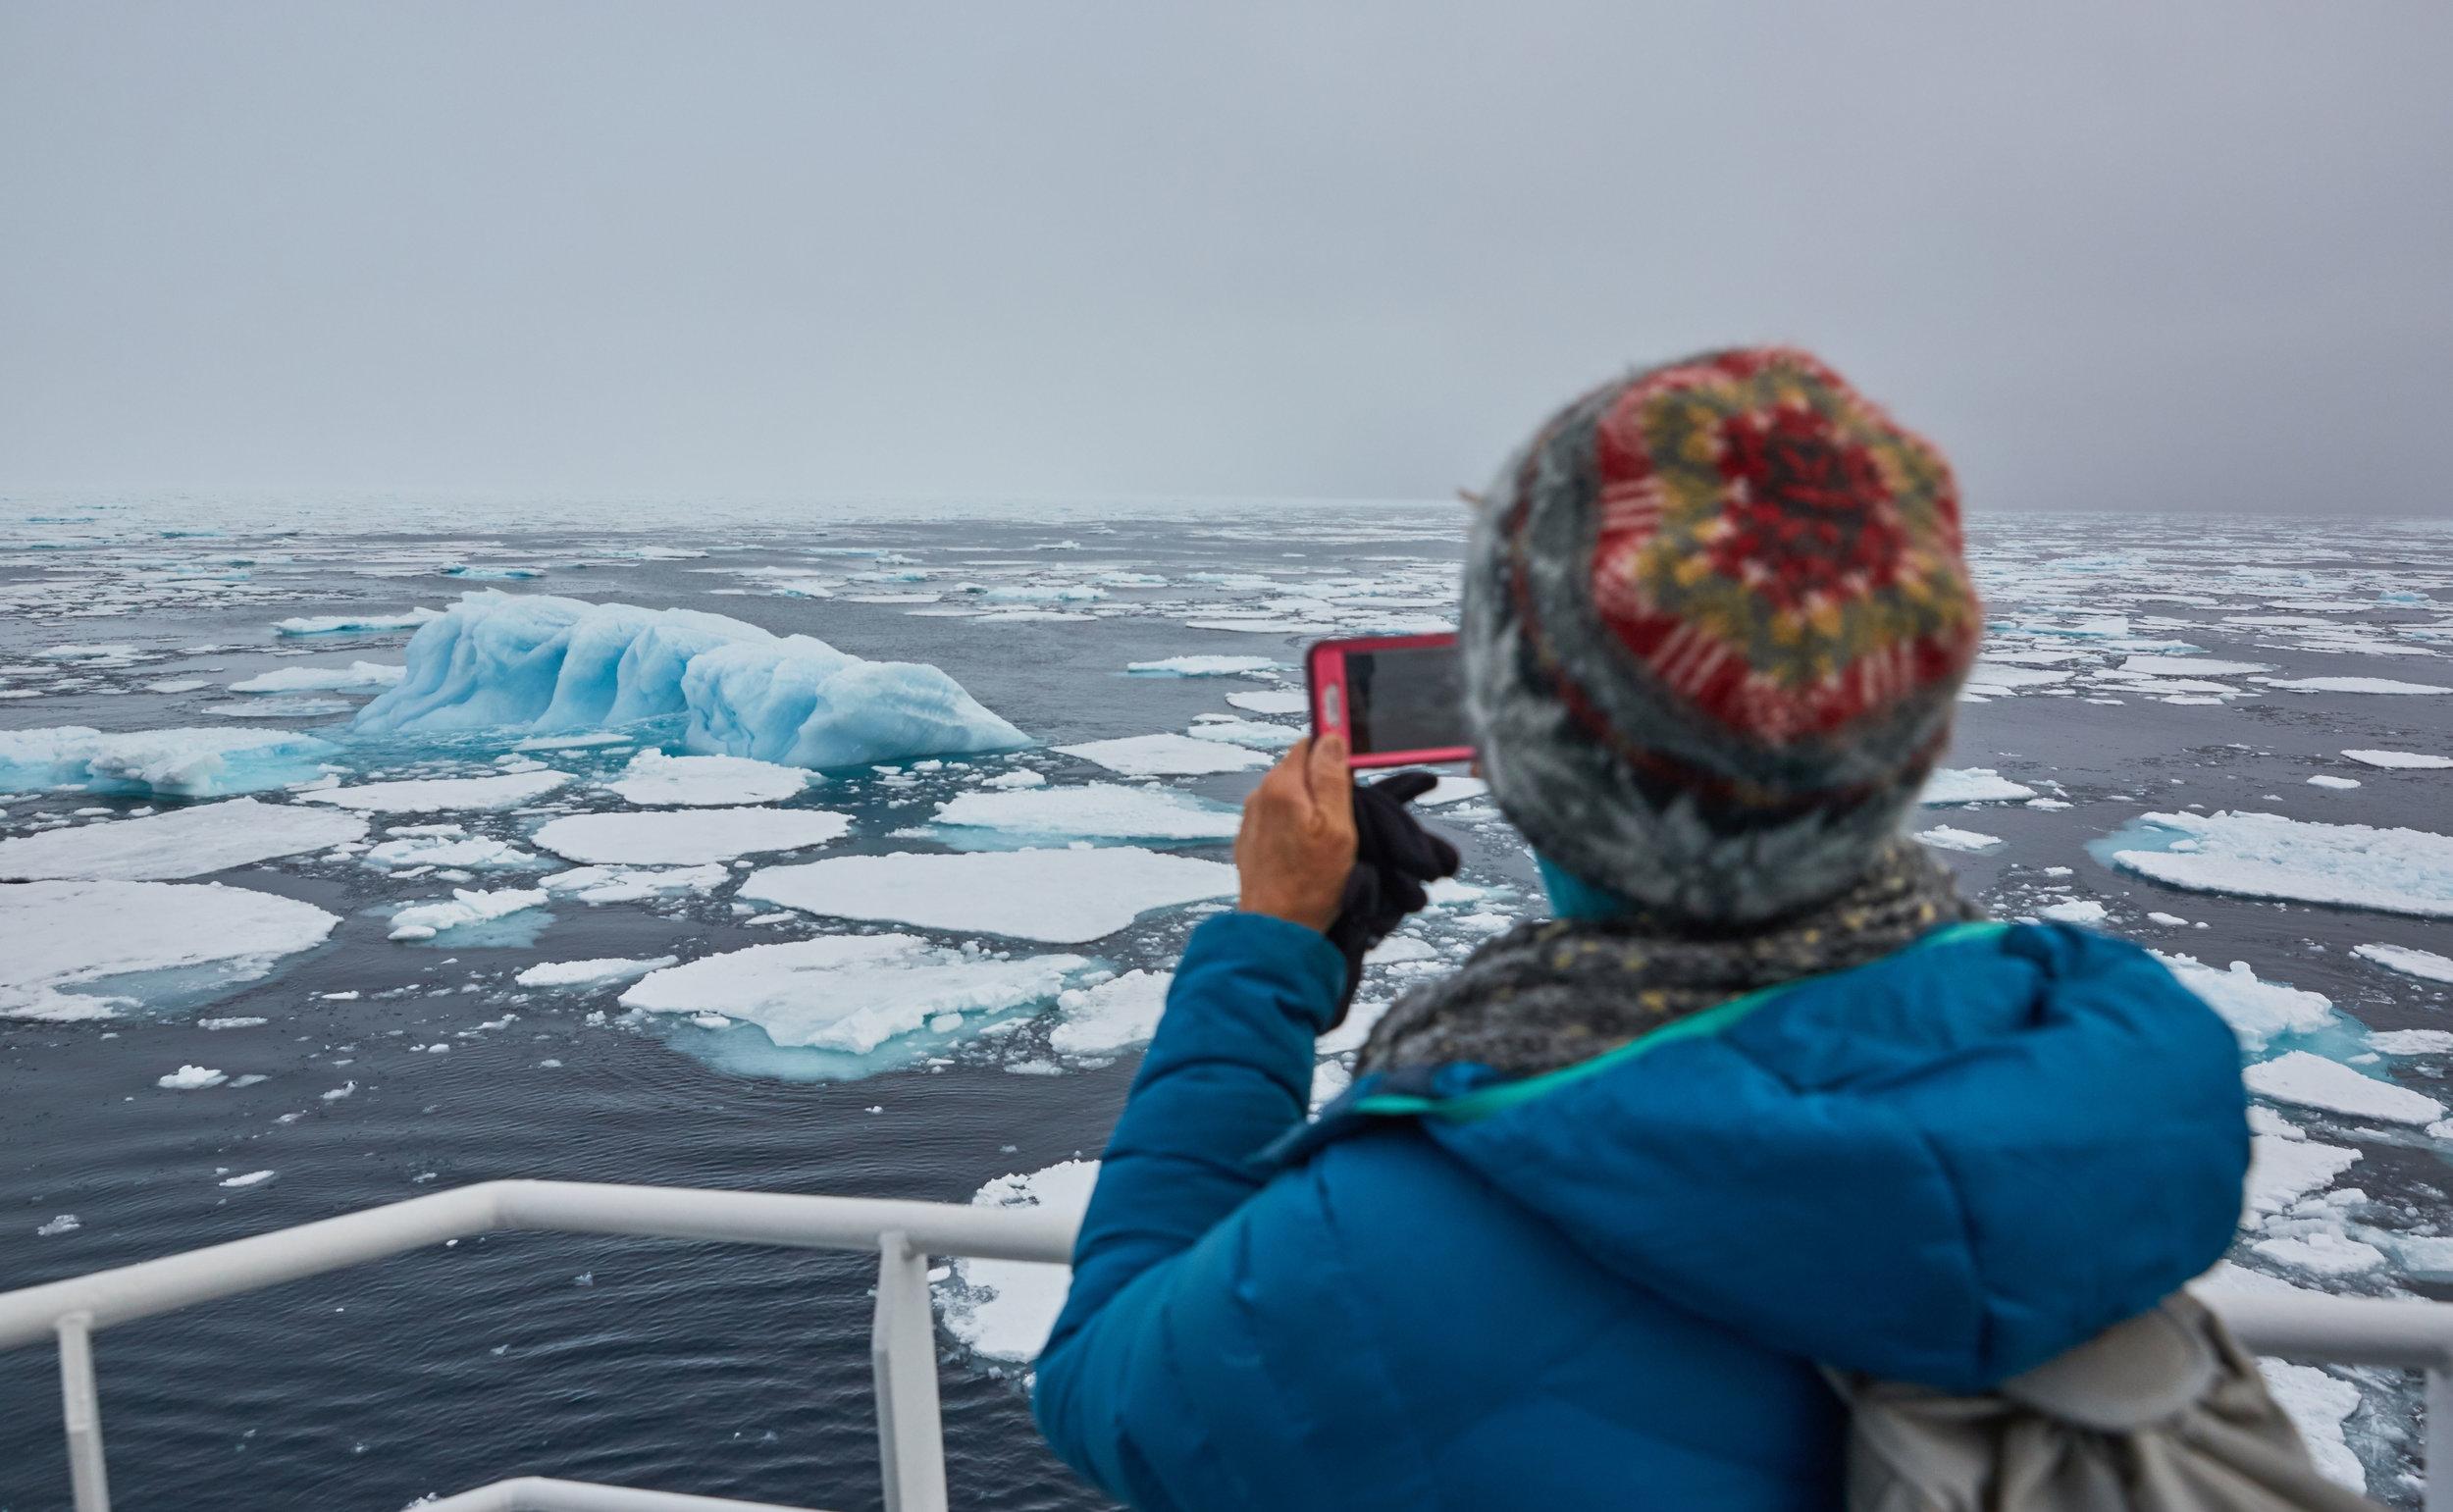 North-Spitsbergen-Polar-Bear-Special,-June-©-Markus-Eichenberger-Oceanwide-Expeditions-(19).jpg_Markus-Eichenberger.jpg